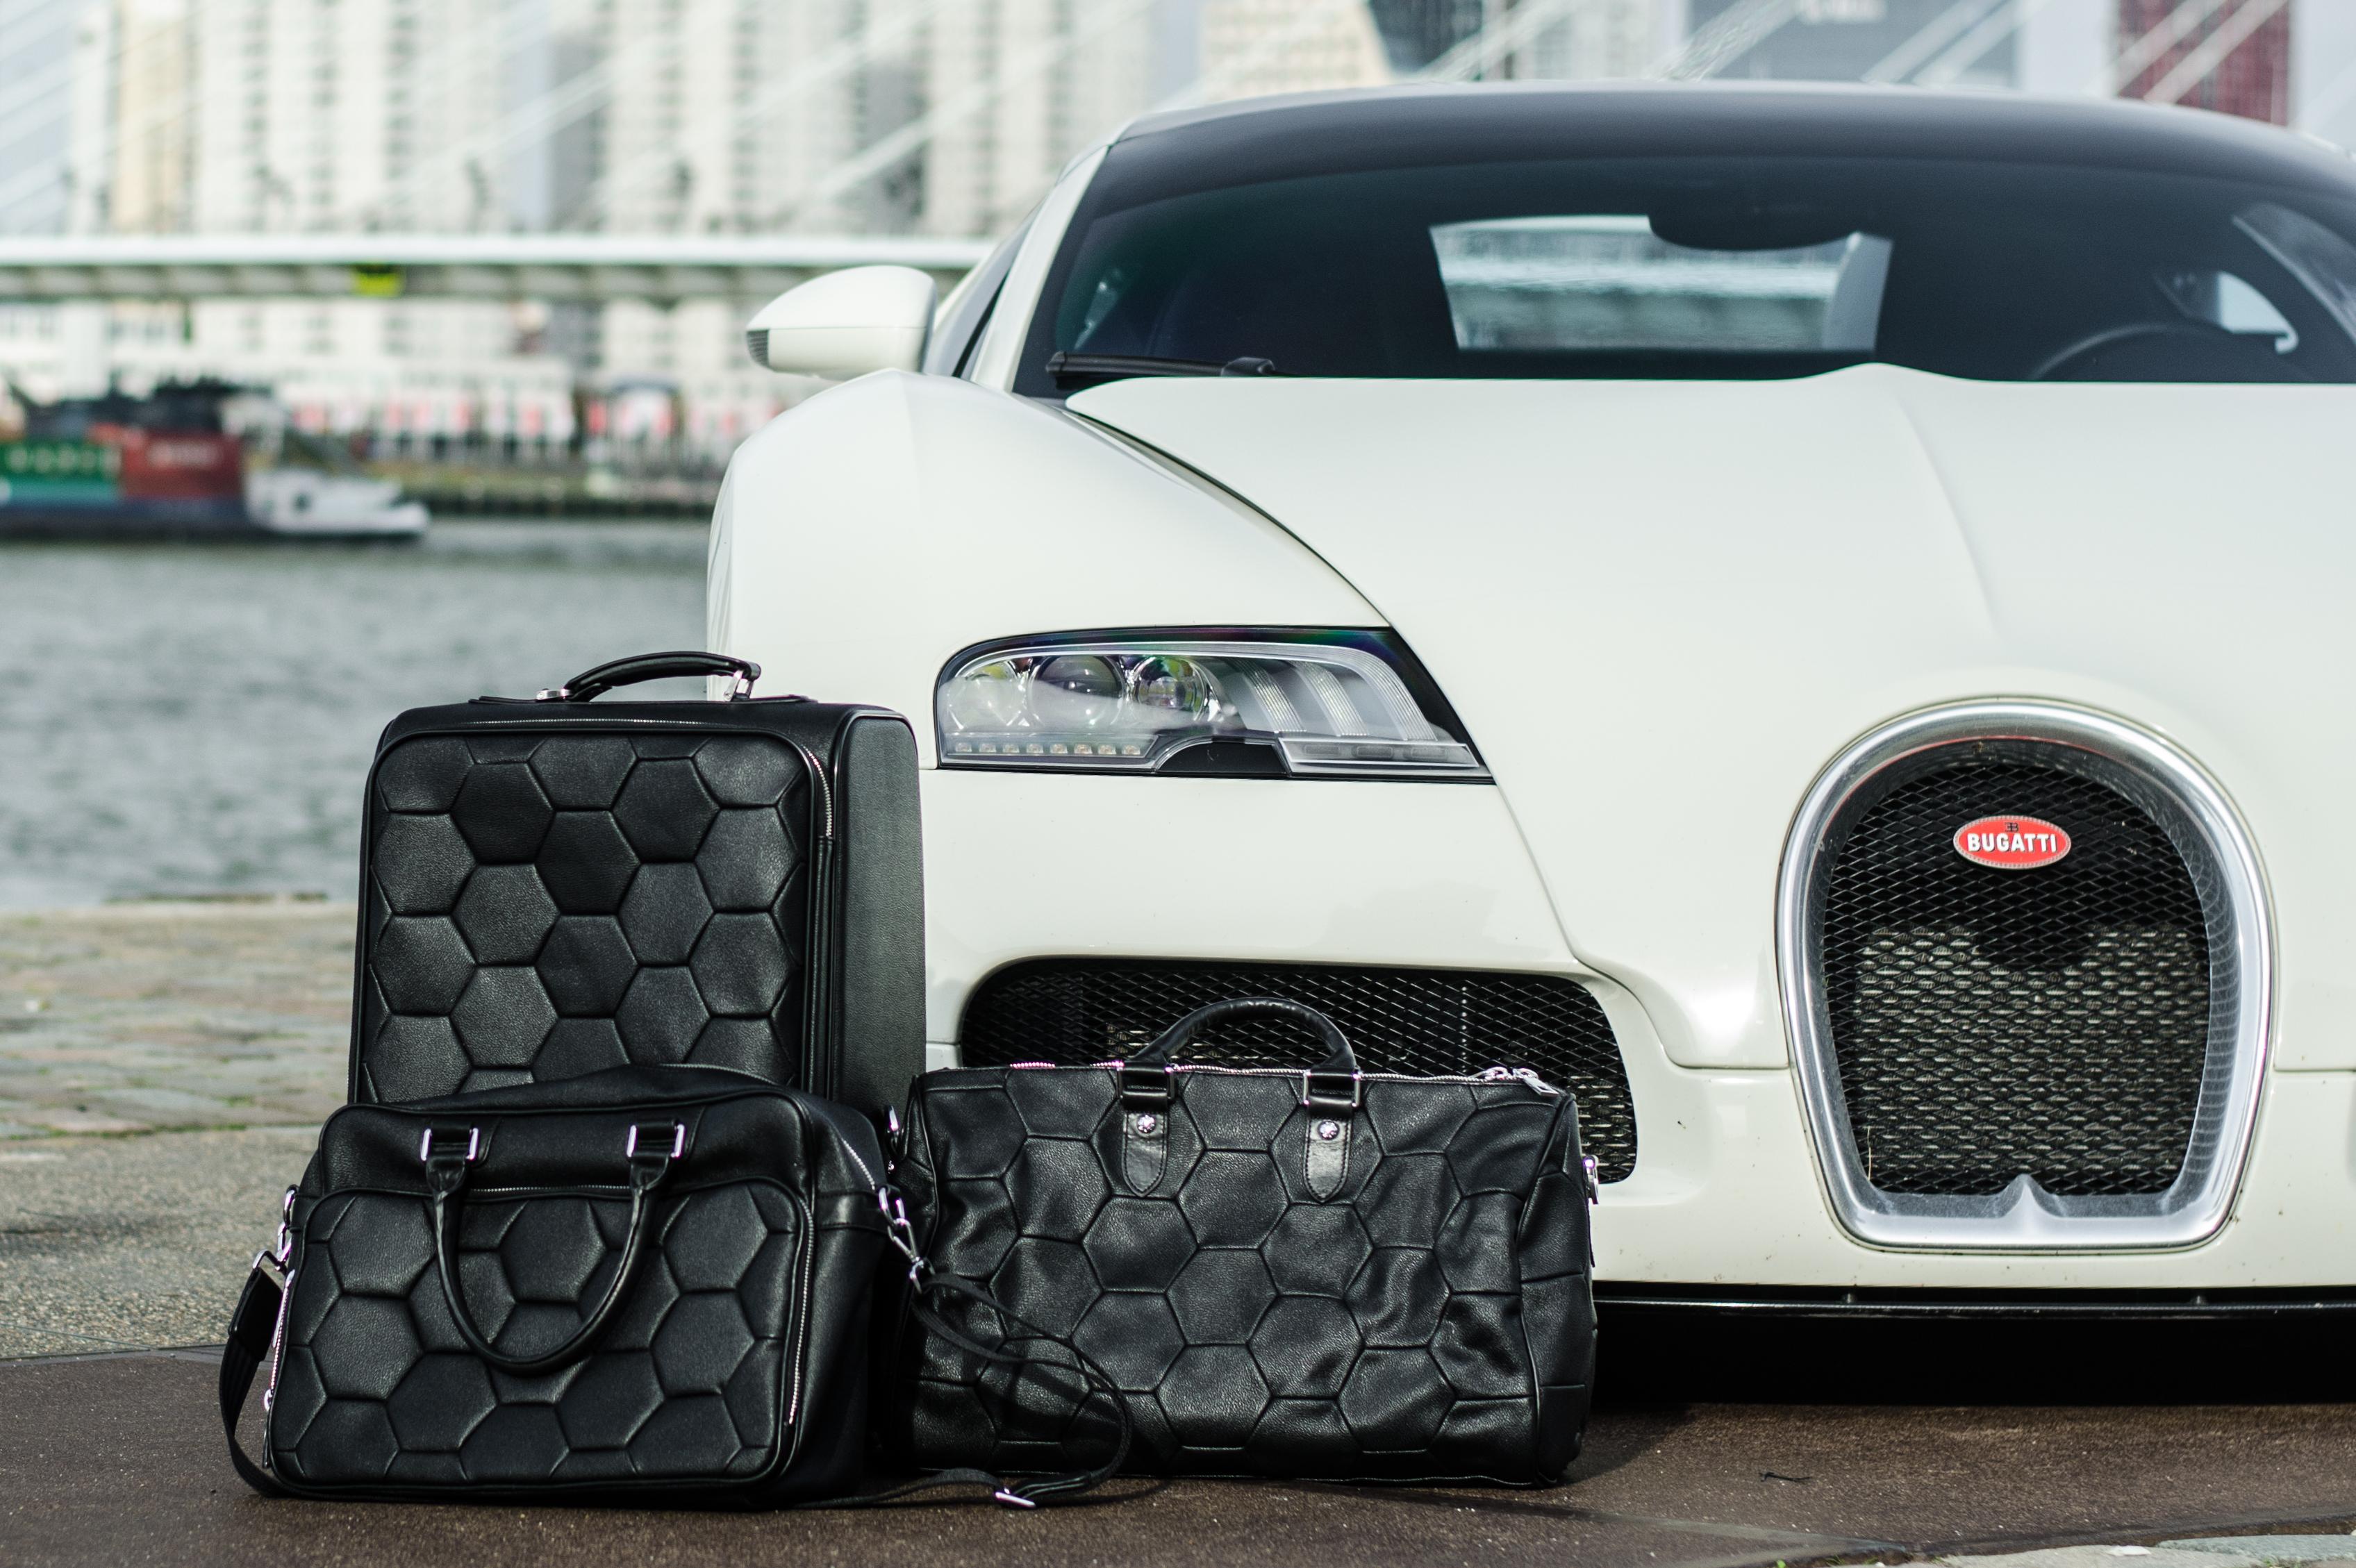 Bugatti Lifestyle project (3)